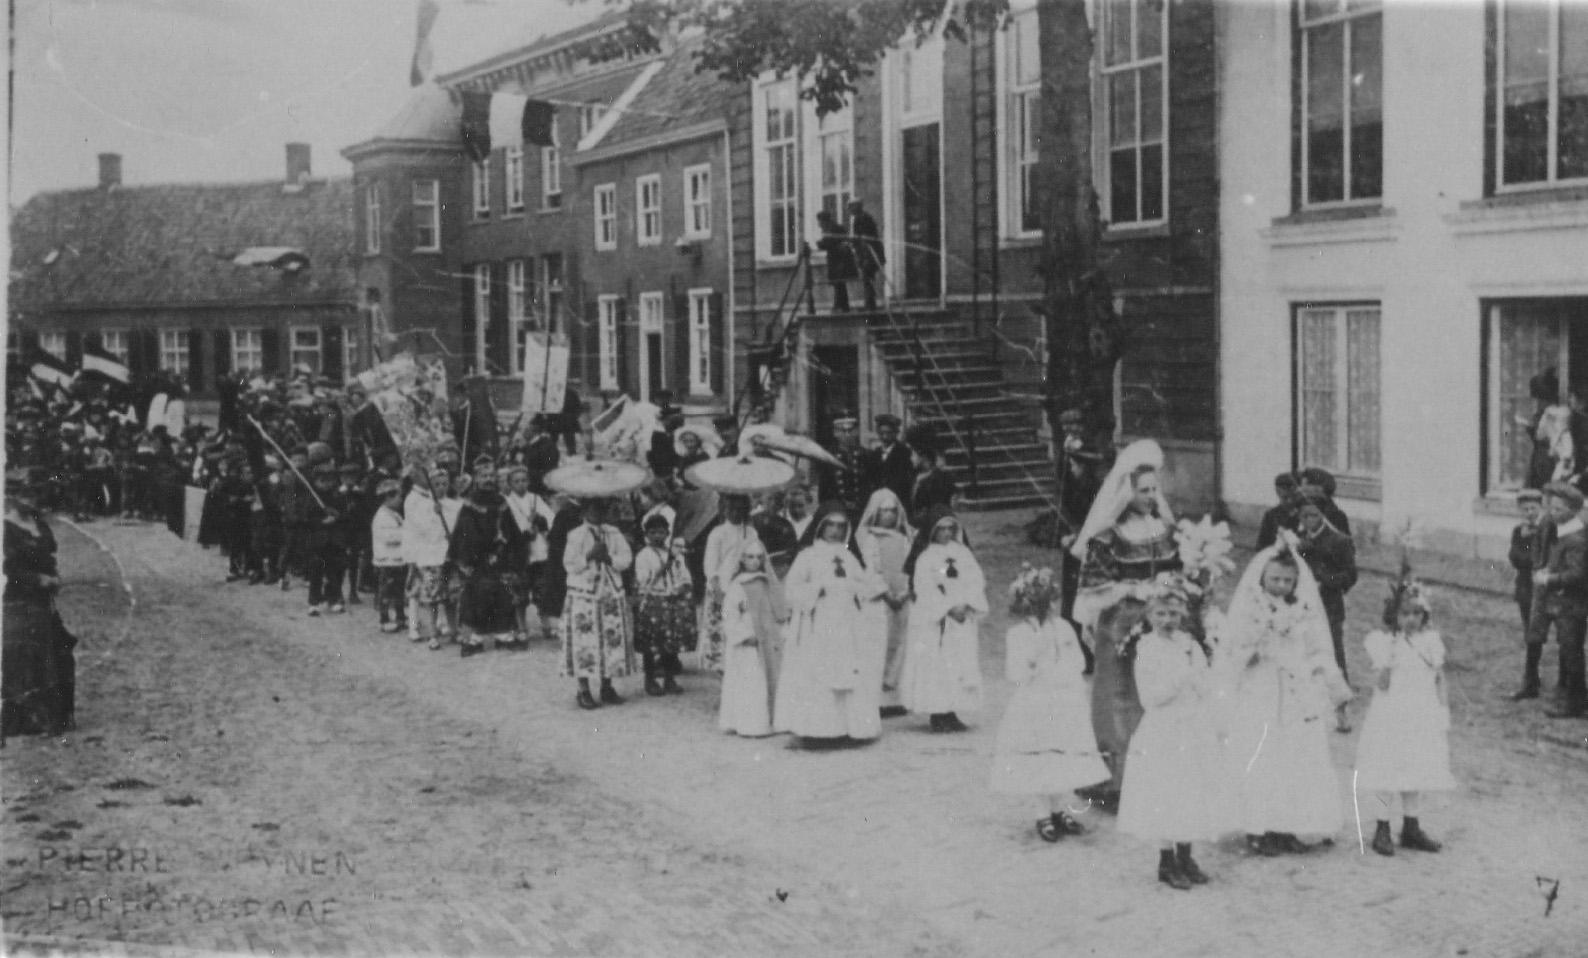 ca1902 Heilige Kindsheid processie, voor het gemeentehuis